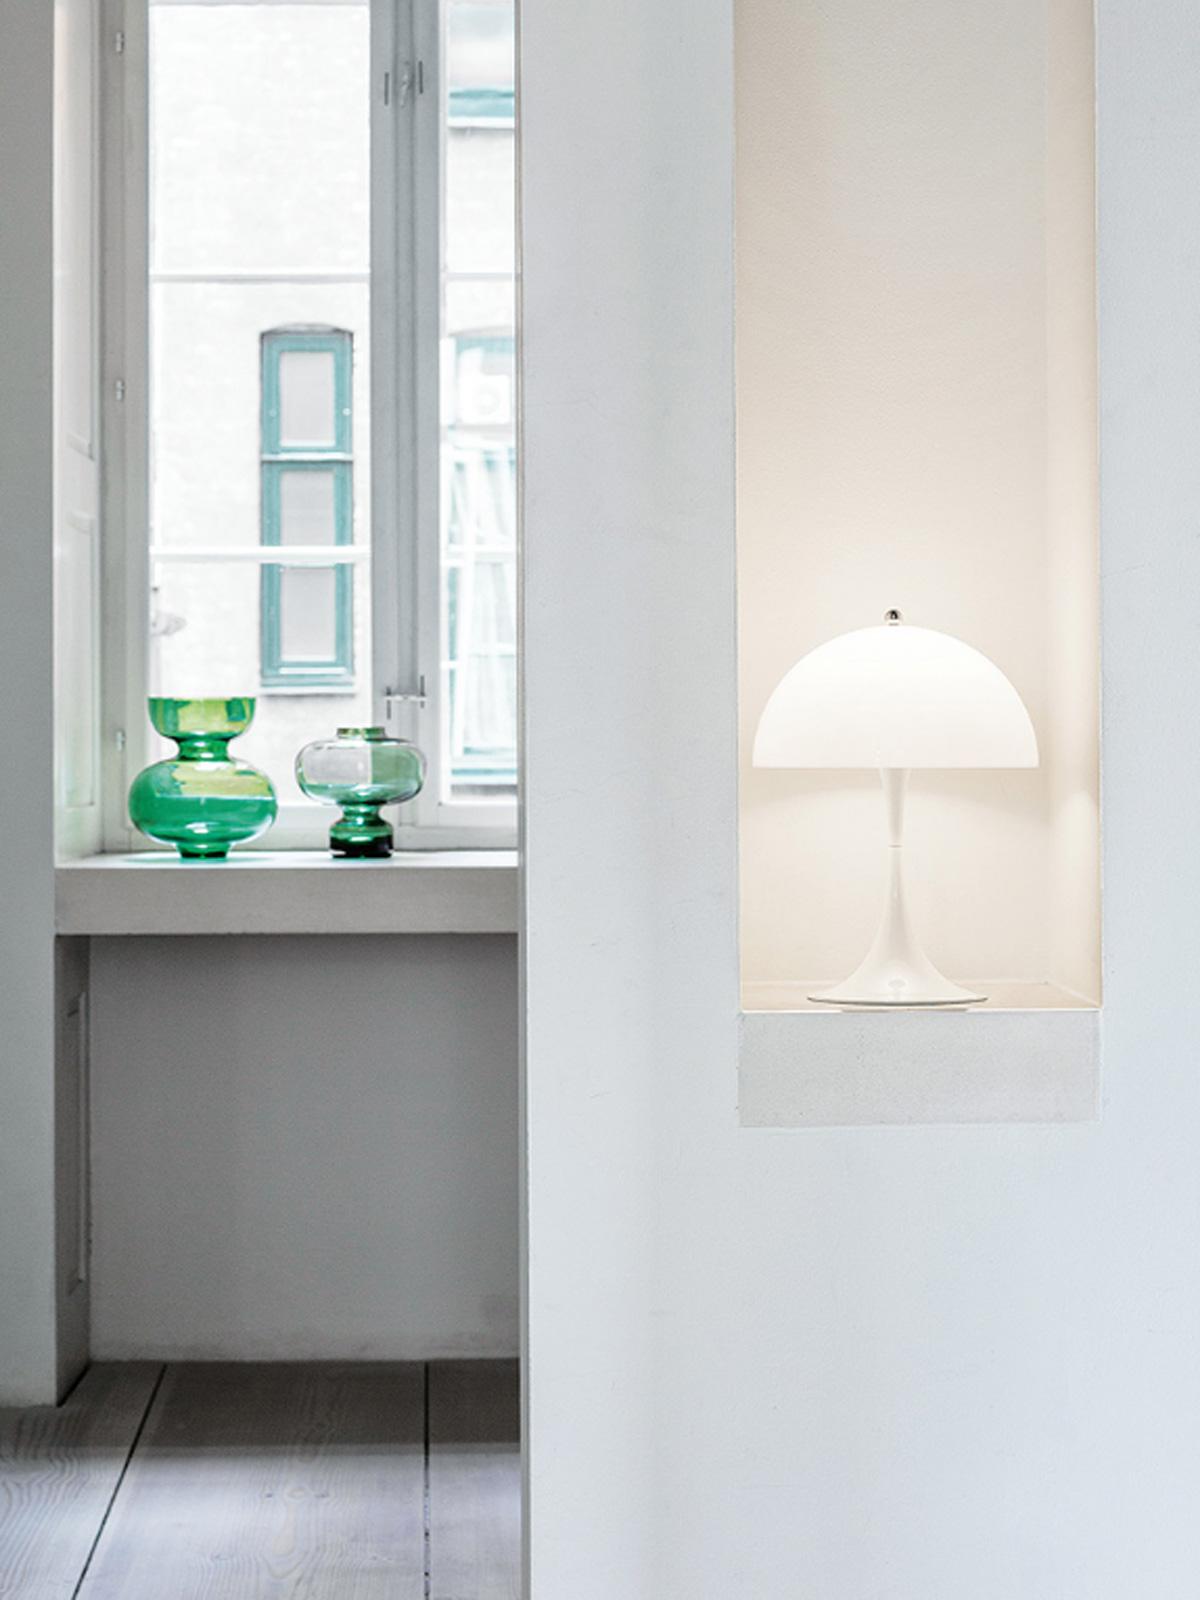 skandinavische Designerleuchte Panthella Verner Panton Louis Poulsen DesignOrt Leuchten Onlineshop